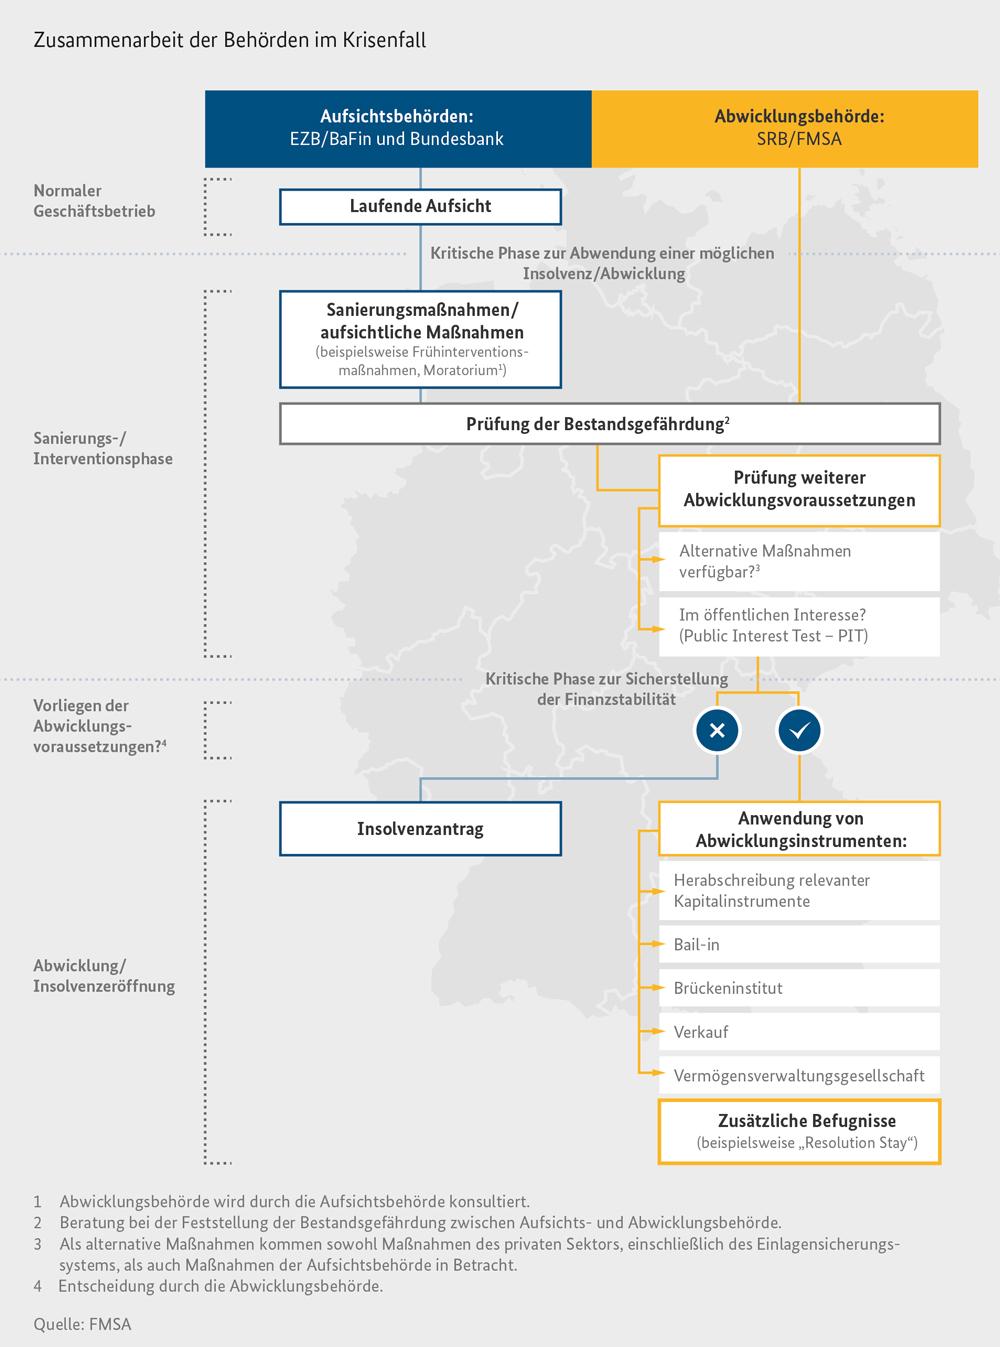 Monatsbericht des BMF Mai 2017 - Die europäische Bankenabwicklung ...